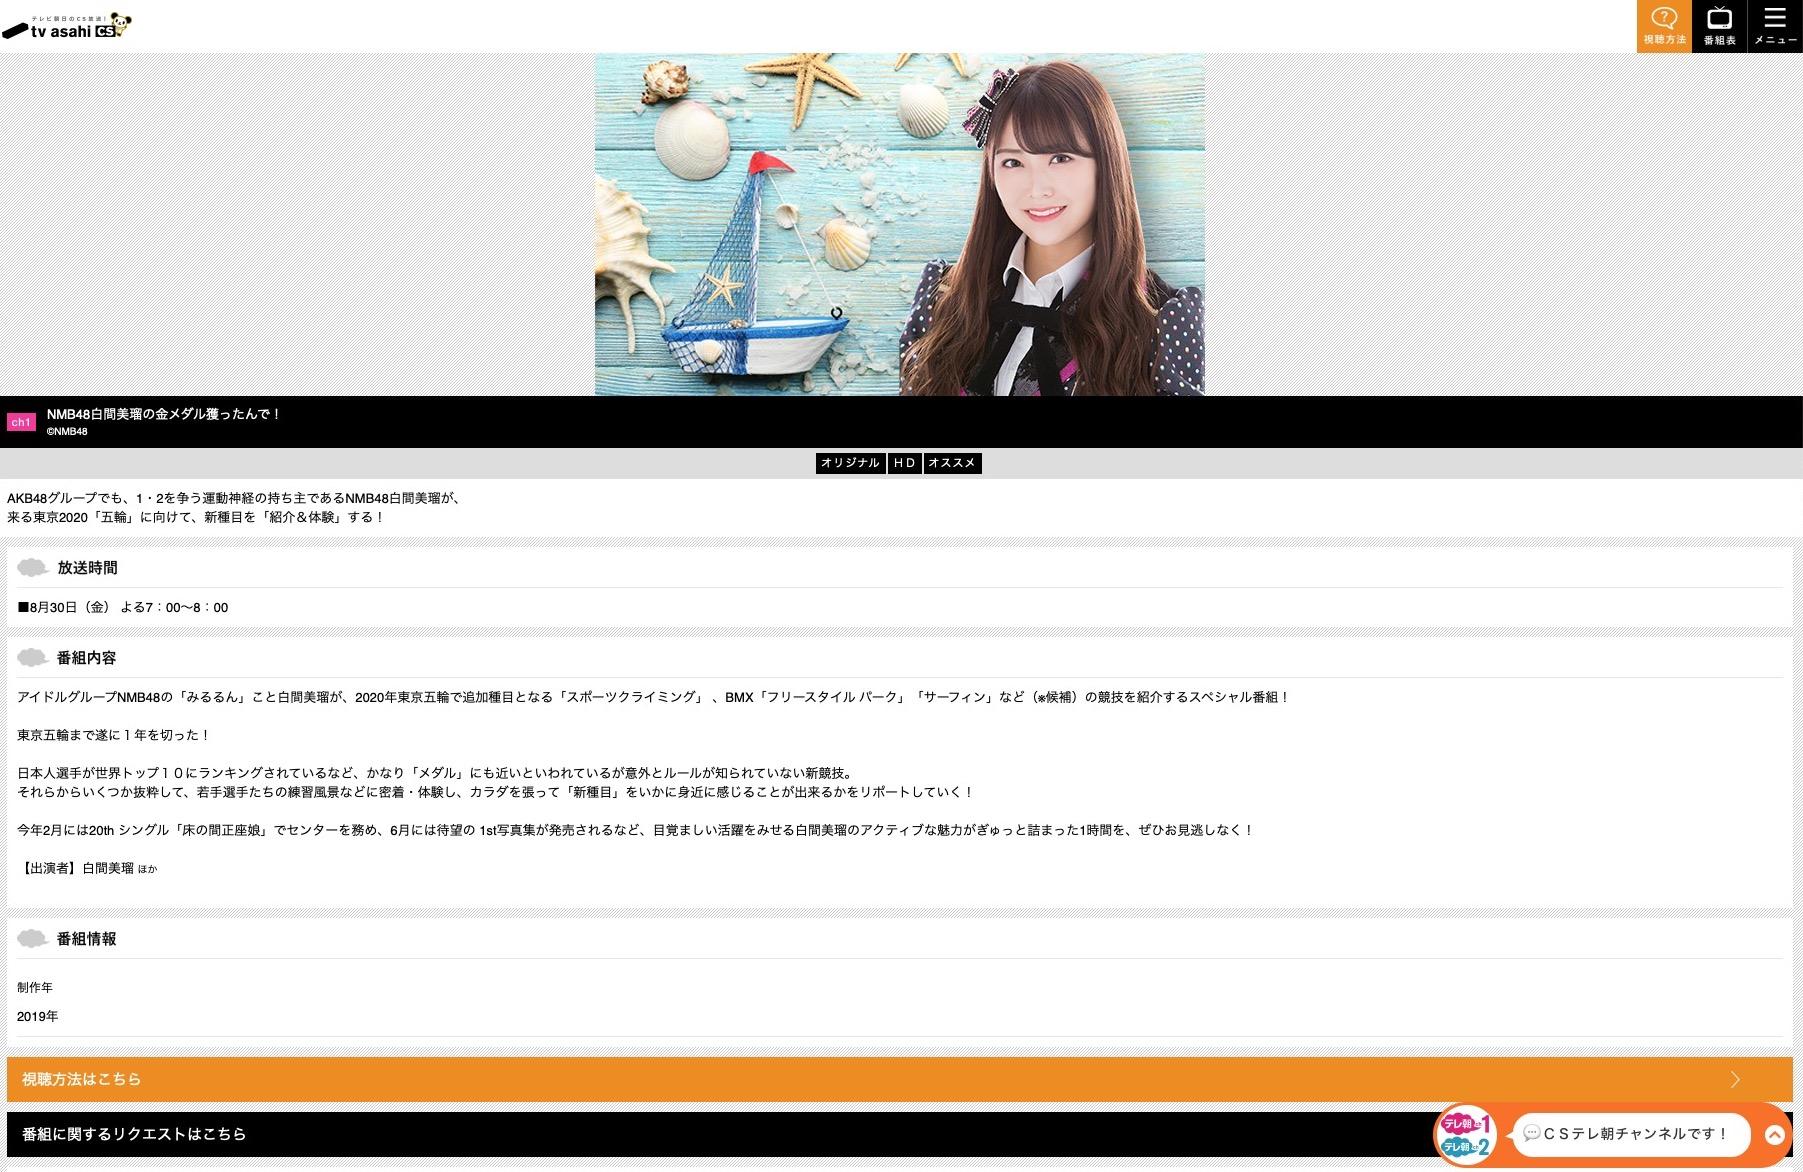 【白間美瑠】8月30日にテレ朝チャンネル1でみるるんの冠番組が放送